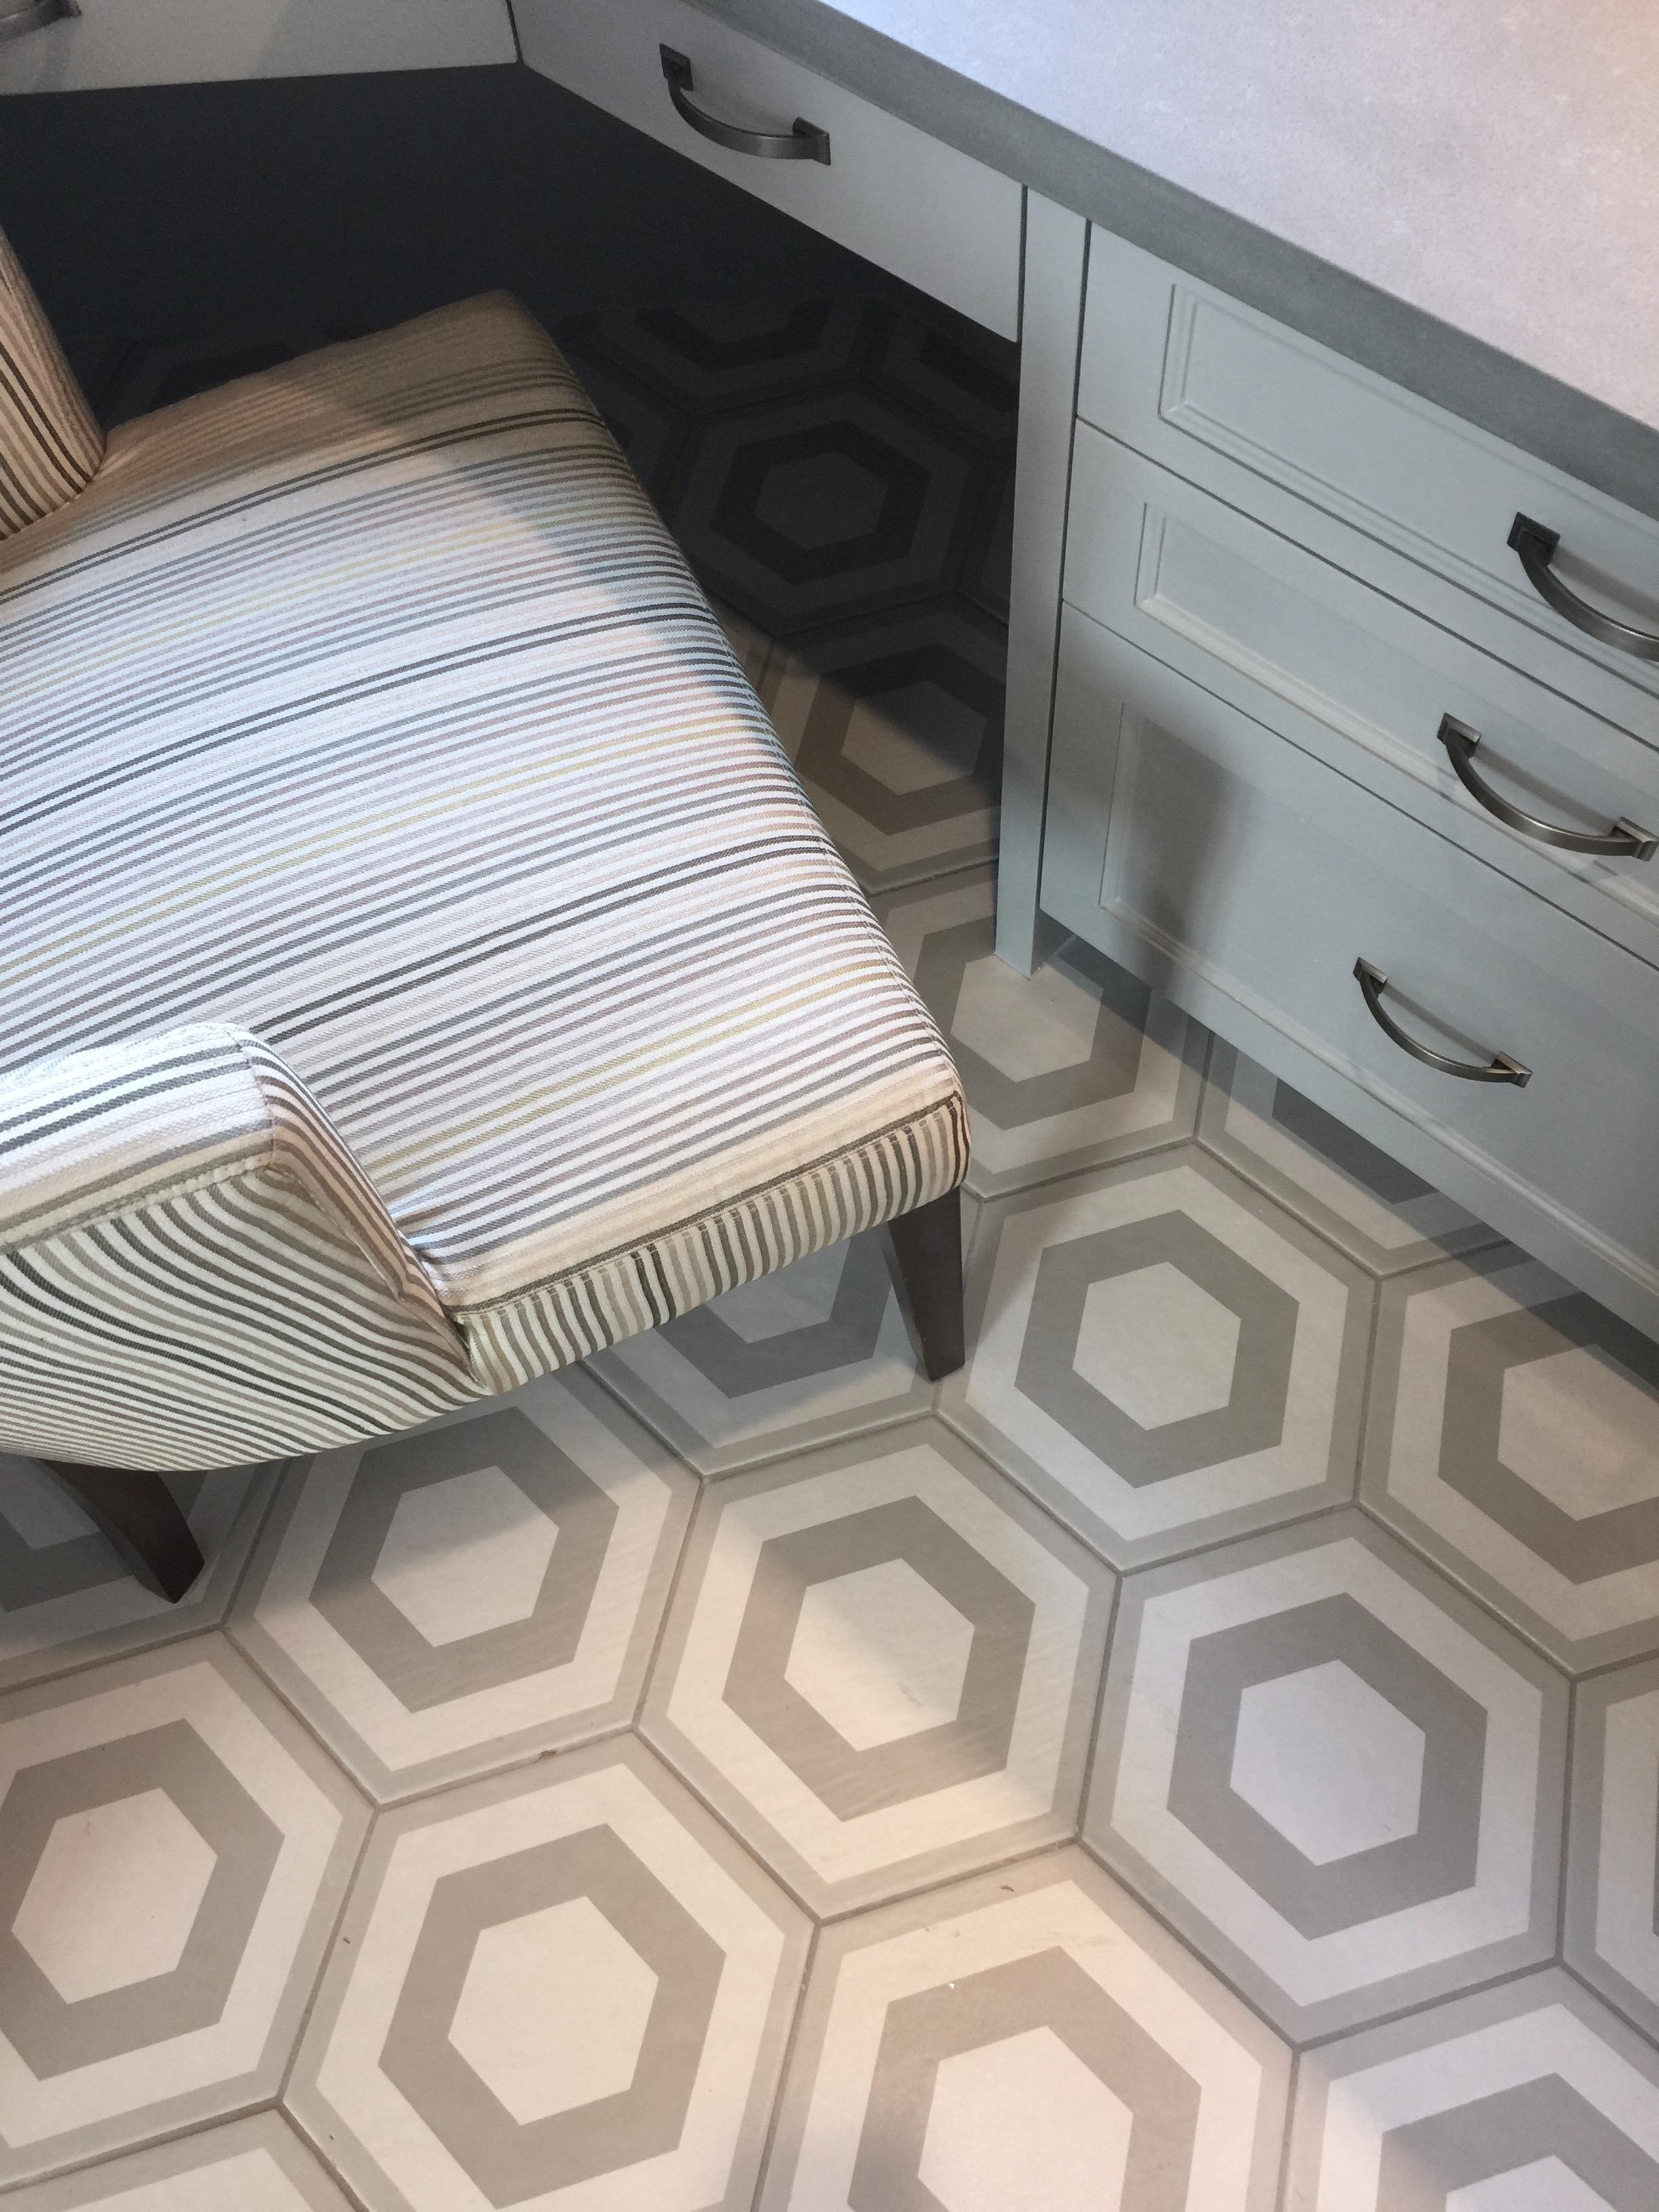 Fab hex tile flooring in the mud room - Peterson Homebuilders